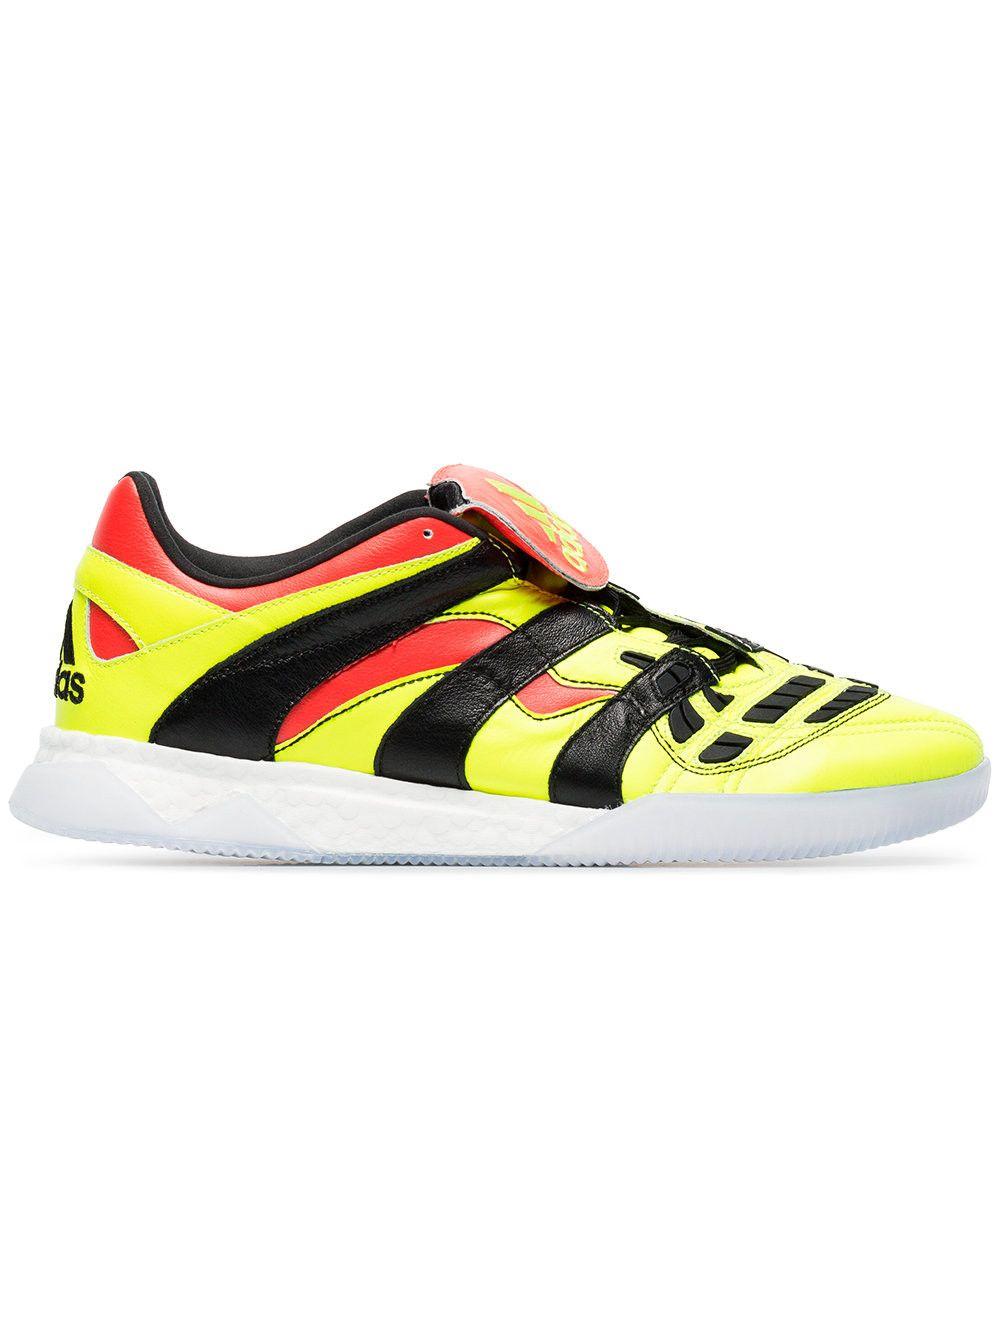 the best attitude 1018a 8cc00 ... france adidas originals neon yellow predator accelerator trainer.  adidasoriginals shoes e2296 96971